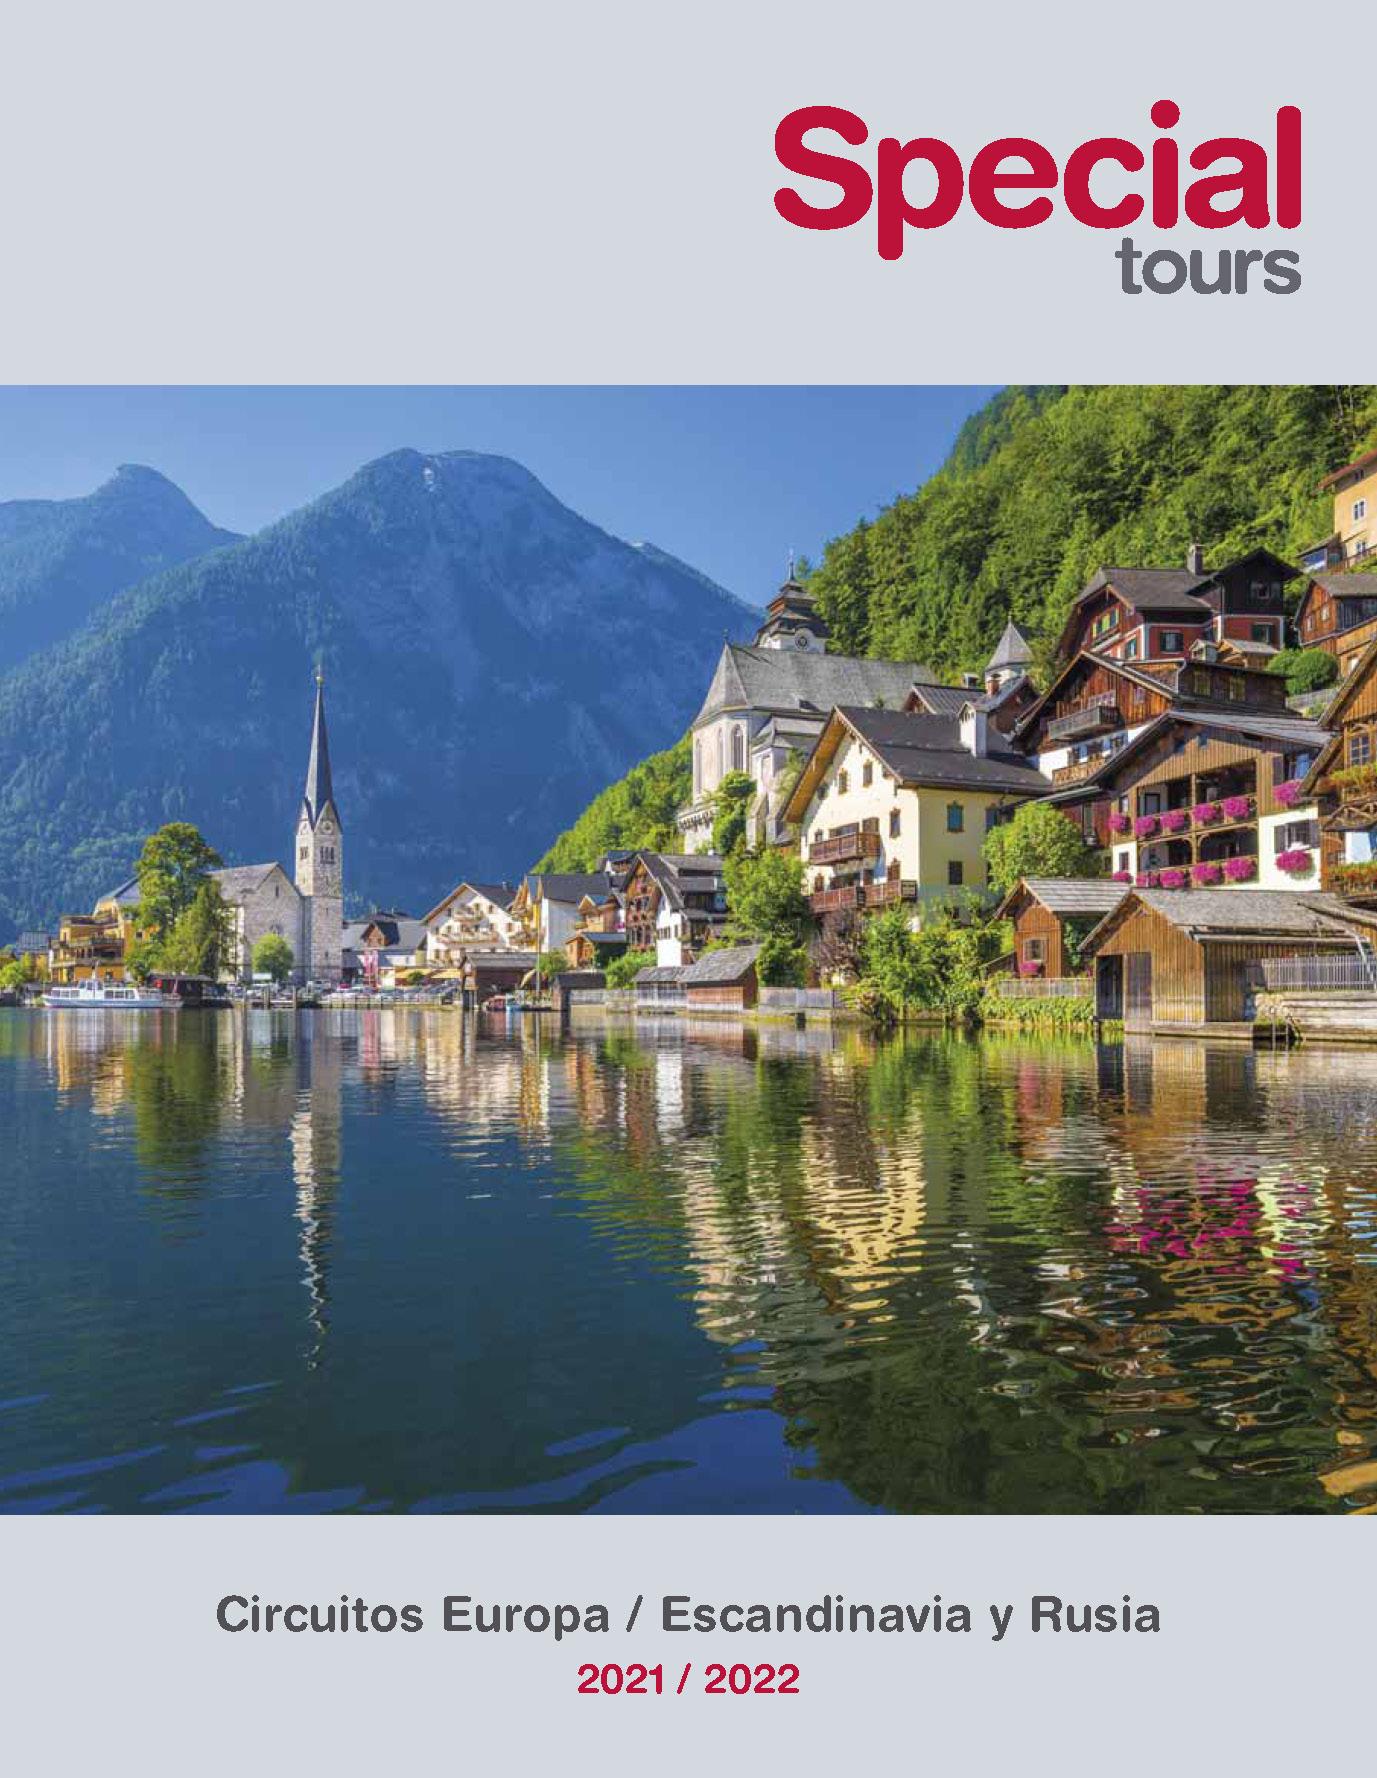 Catalogo Special Tours Europa Escandinavia y Rusia 2021-2022